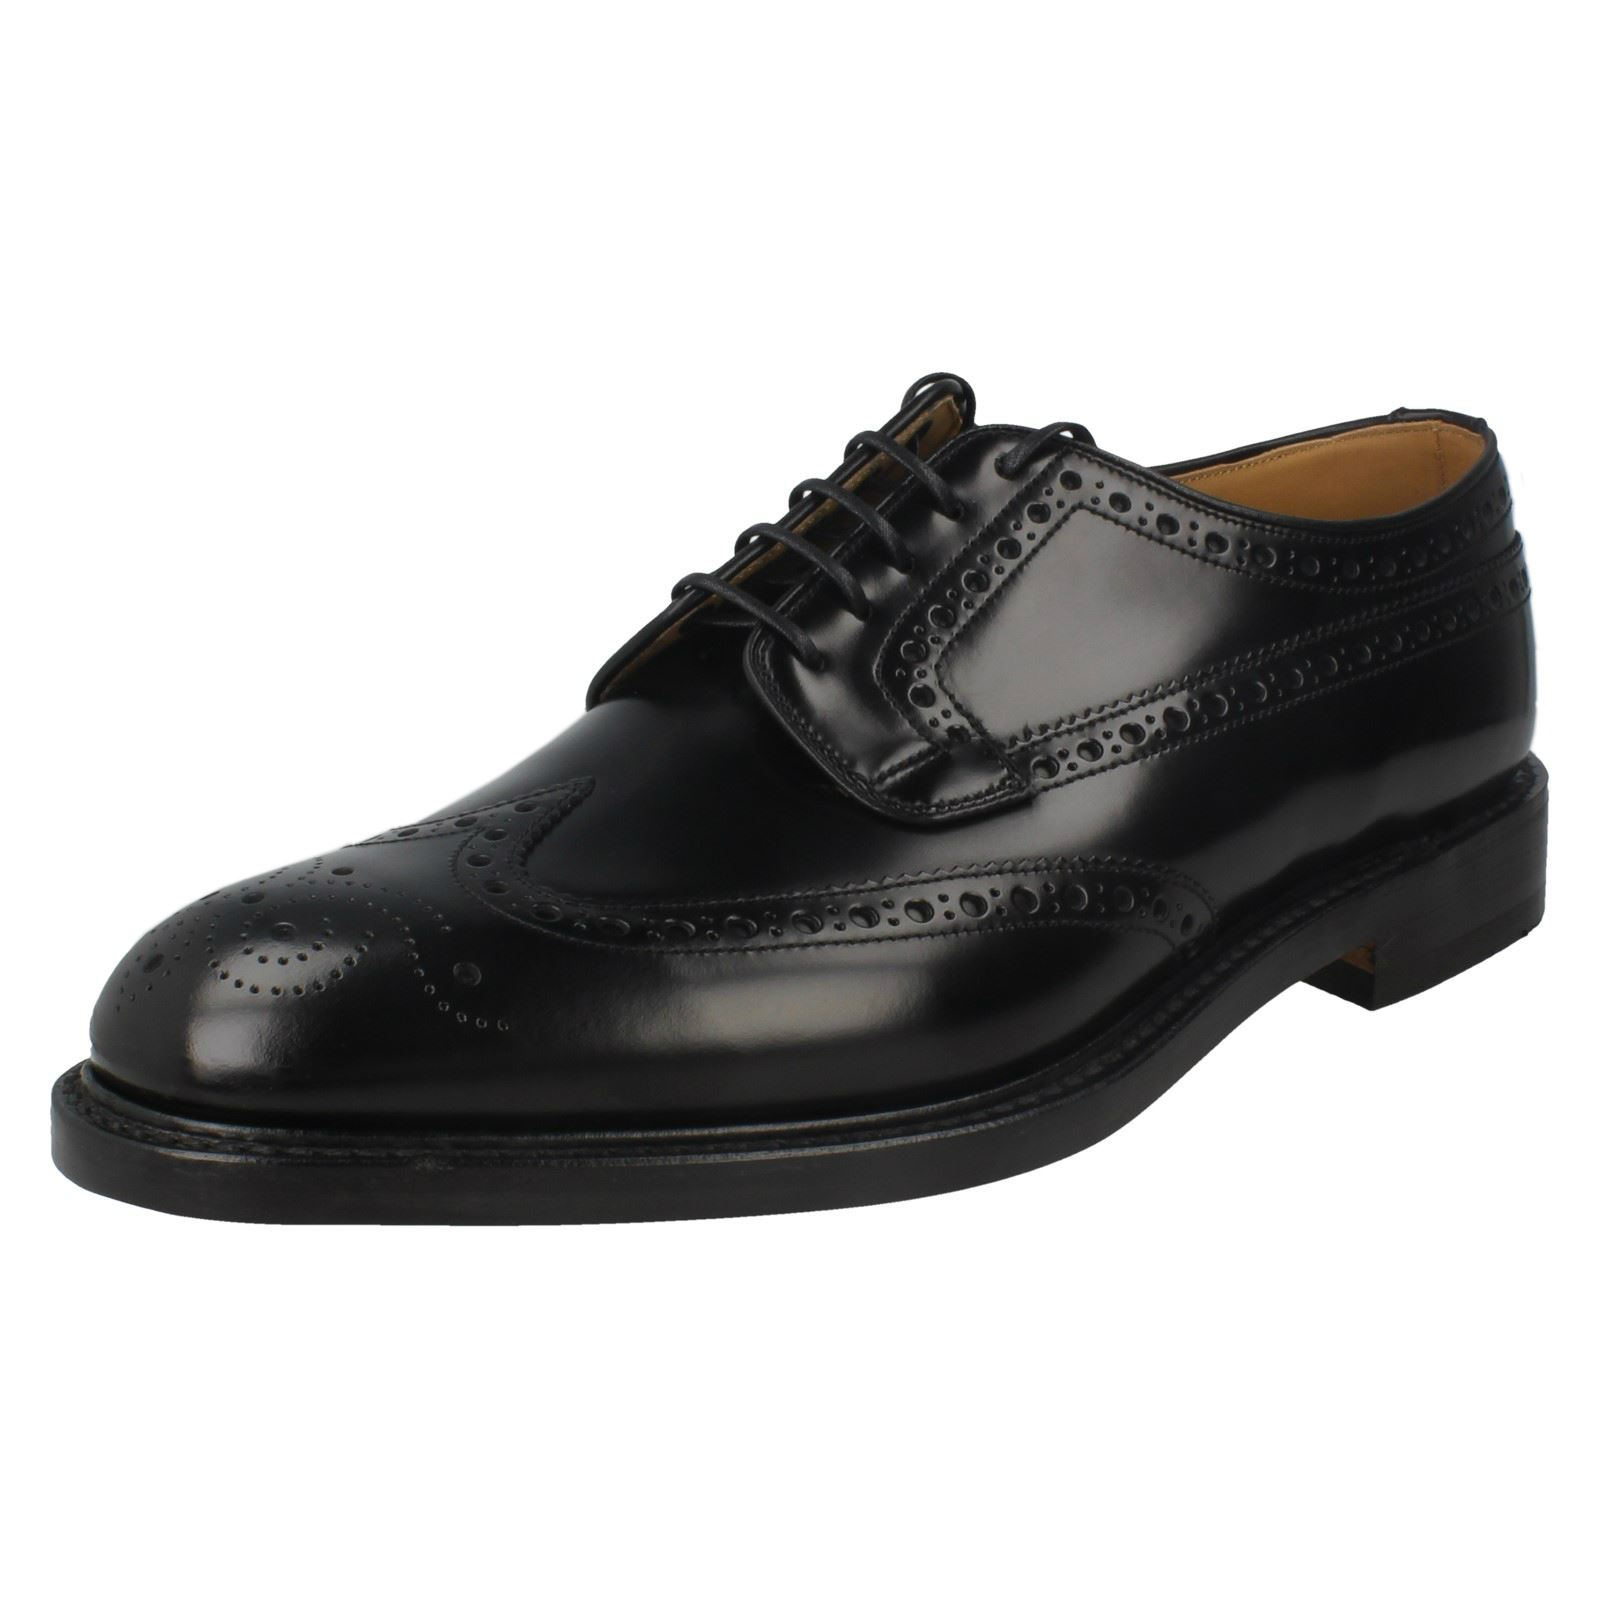 'Mens Formal Loake' Formal 'Mens Brogue Schuhes - Braemar 56205d